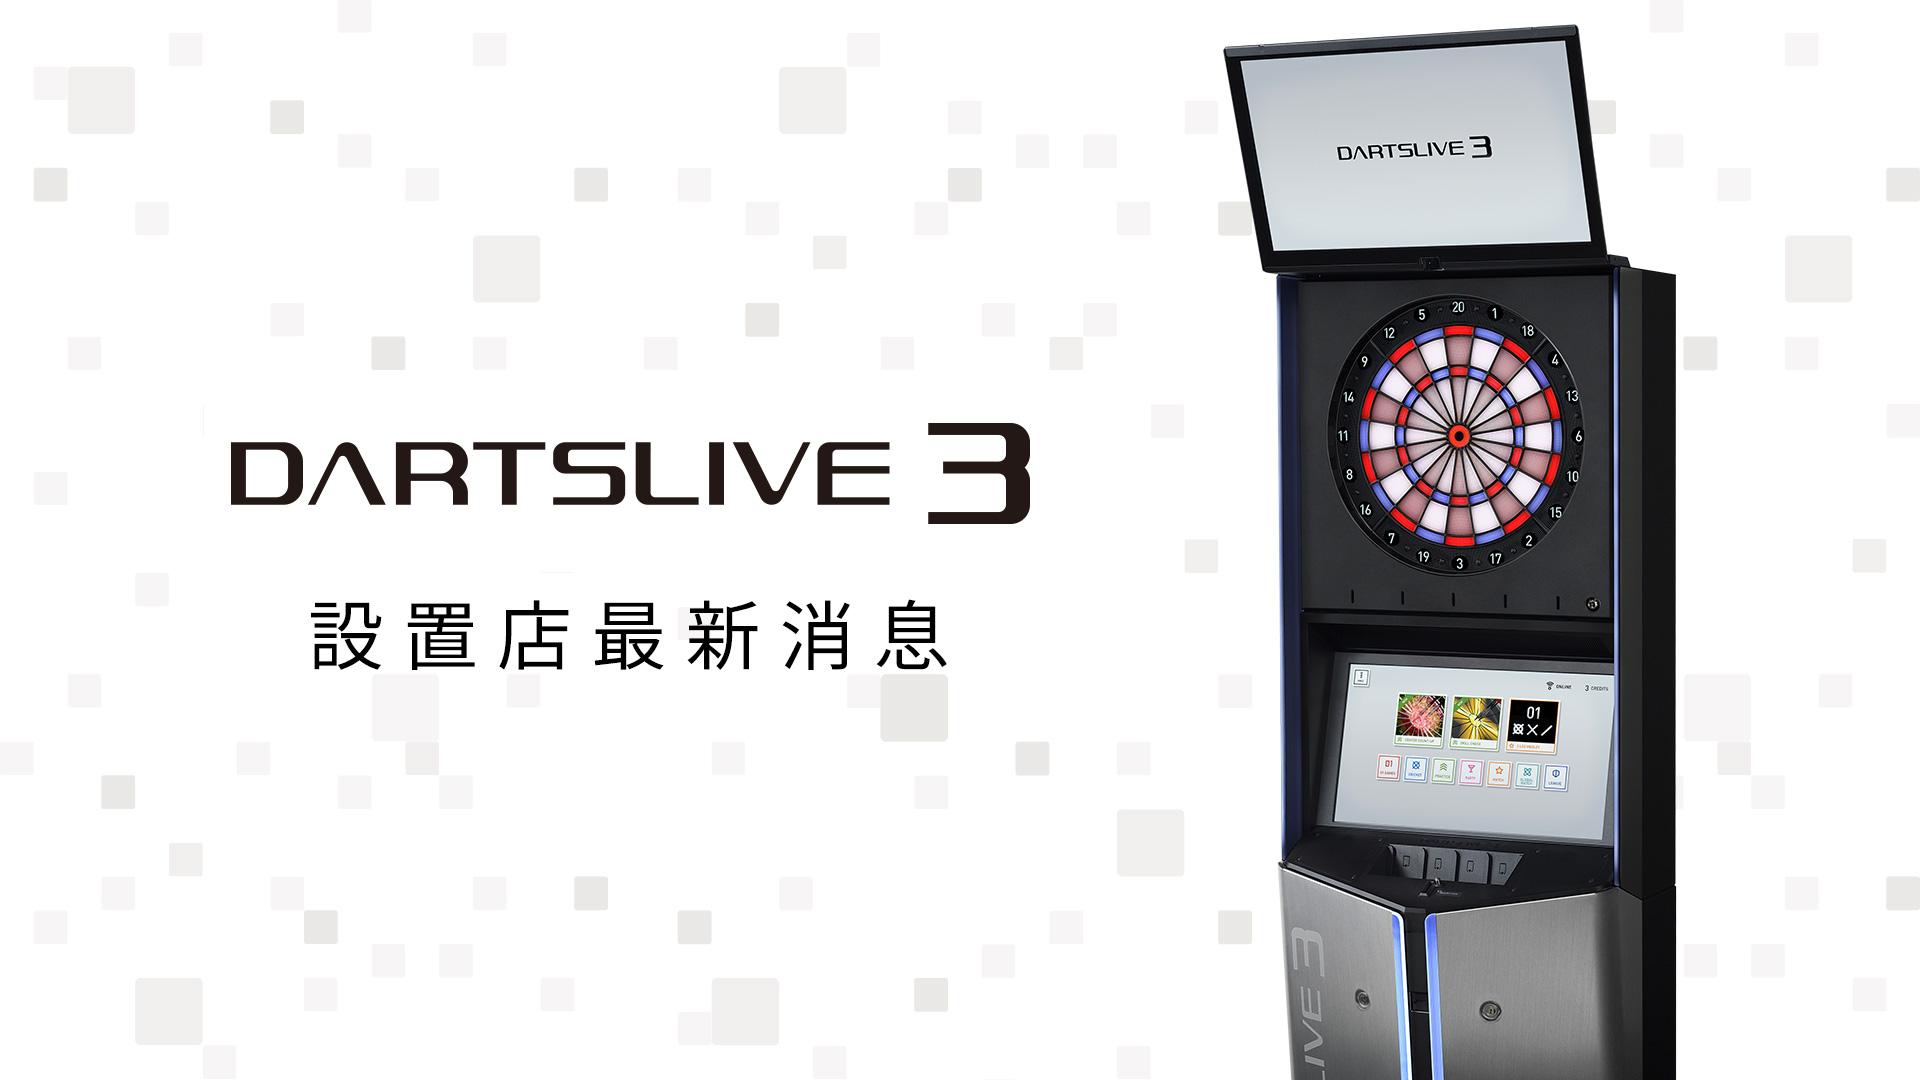 DARTSLIVE3設置店情報